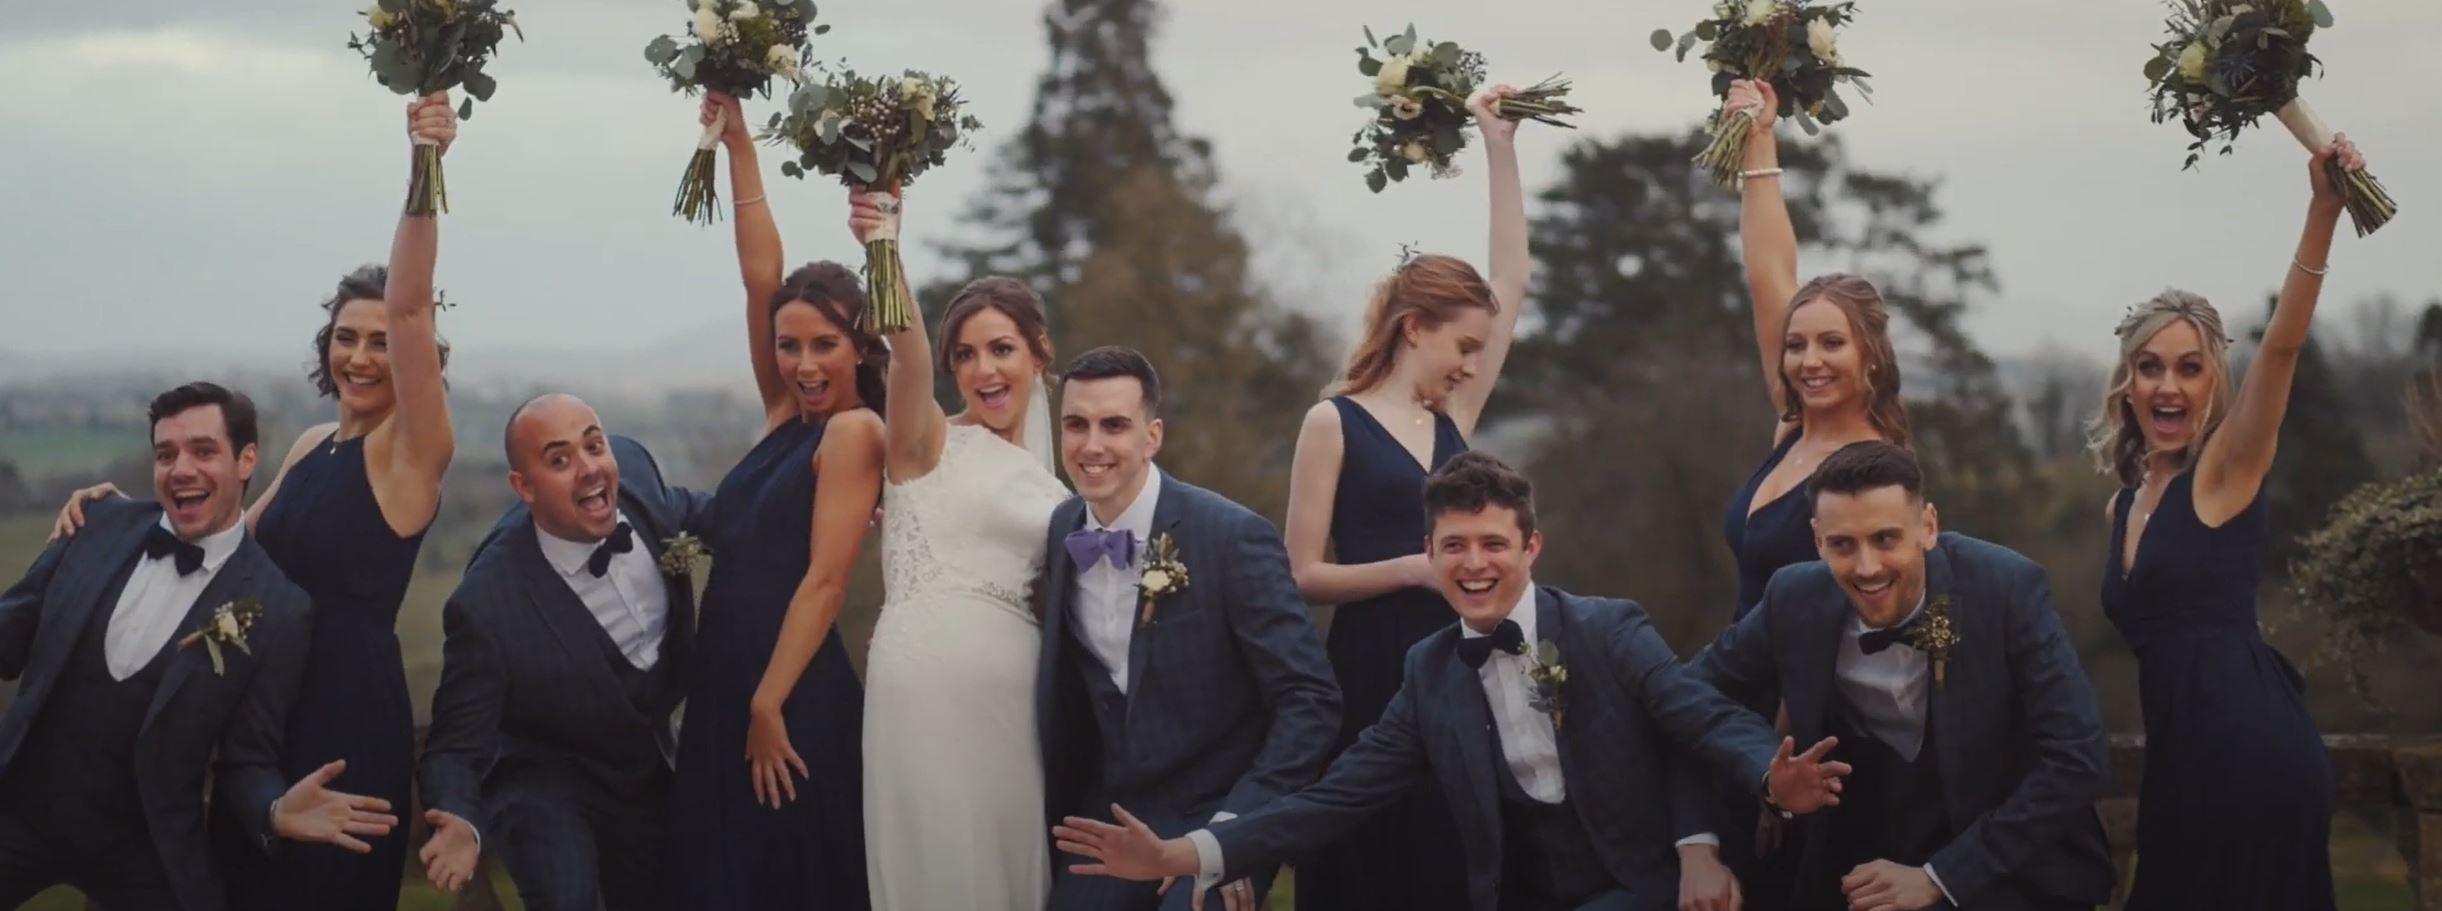 Georgia & James Wedding Day